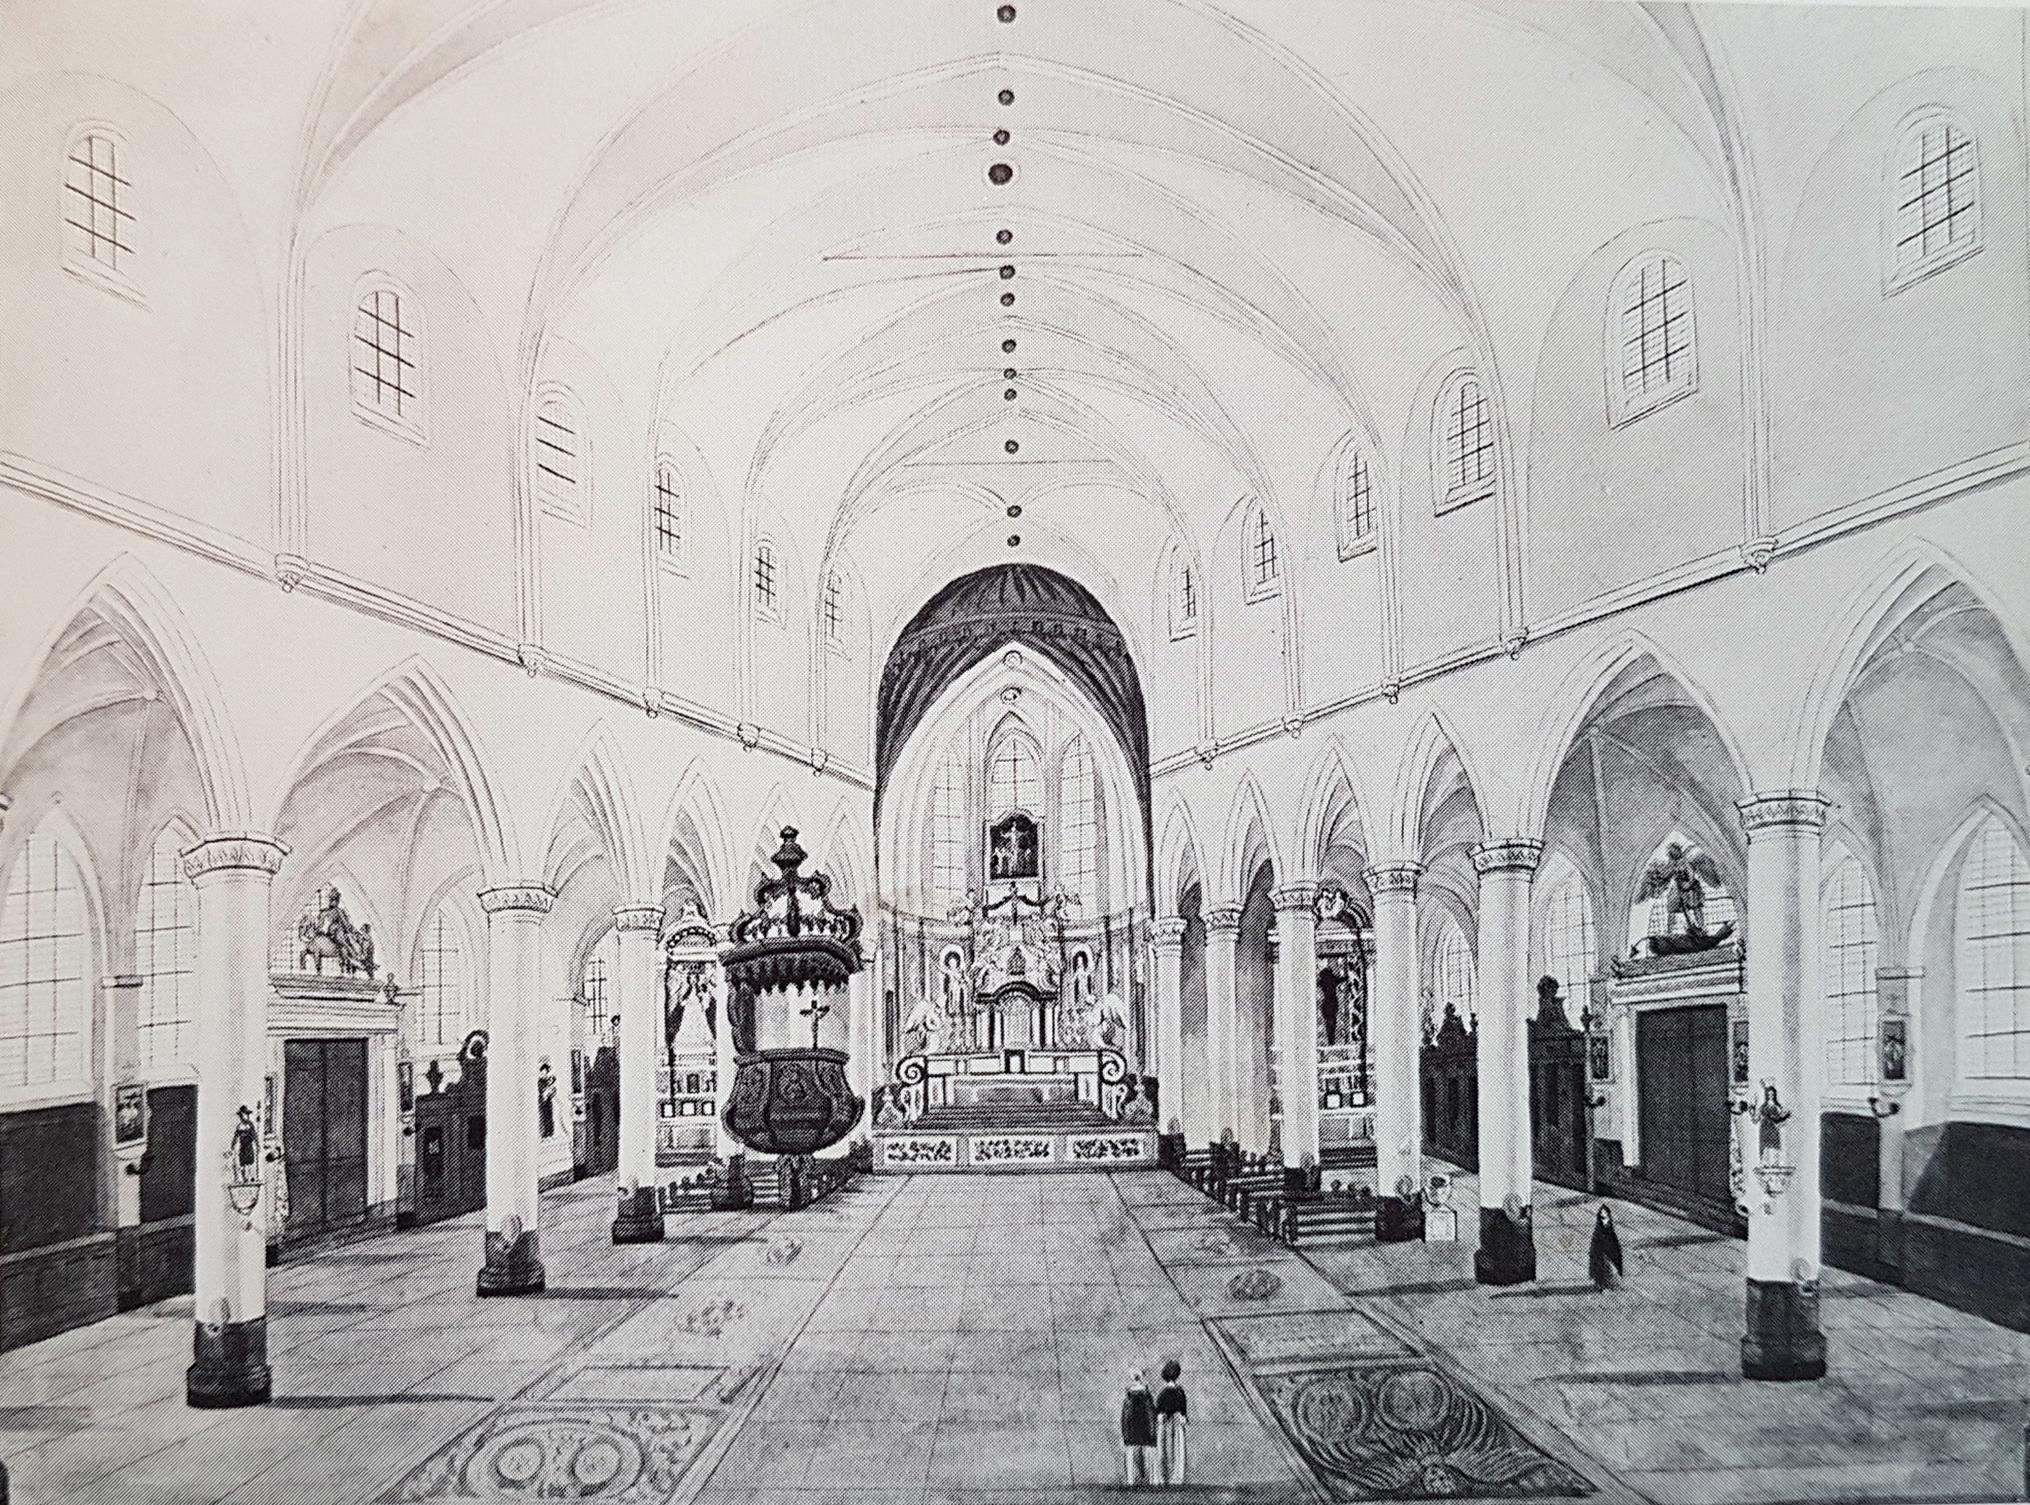 Ph_v_Gulpen%2C_Interieur_St-Martinuskerk_Wyck-Maastricht%2C_ca_1850.jpg